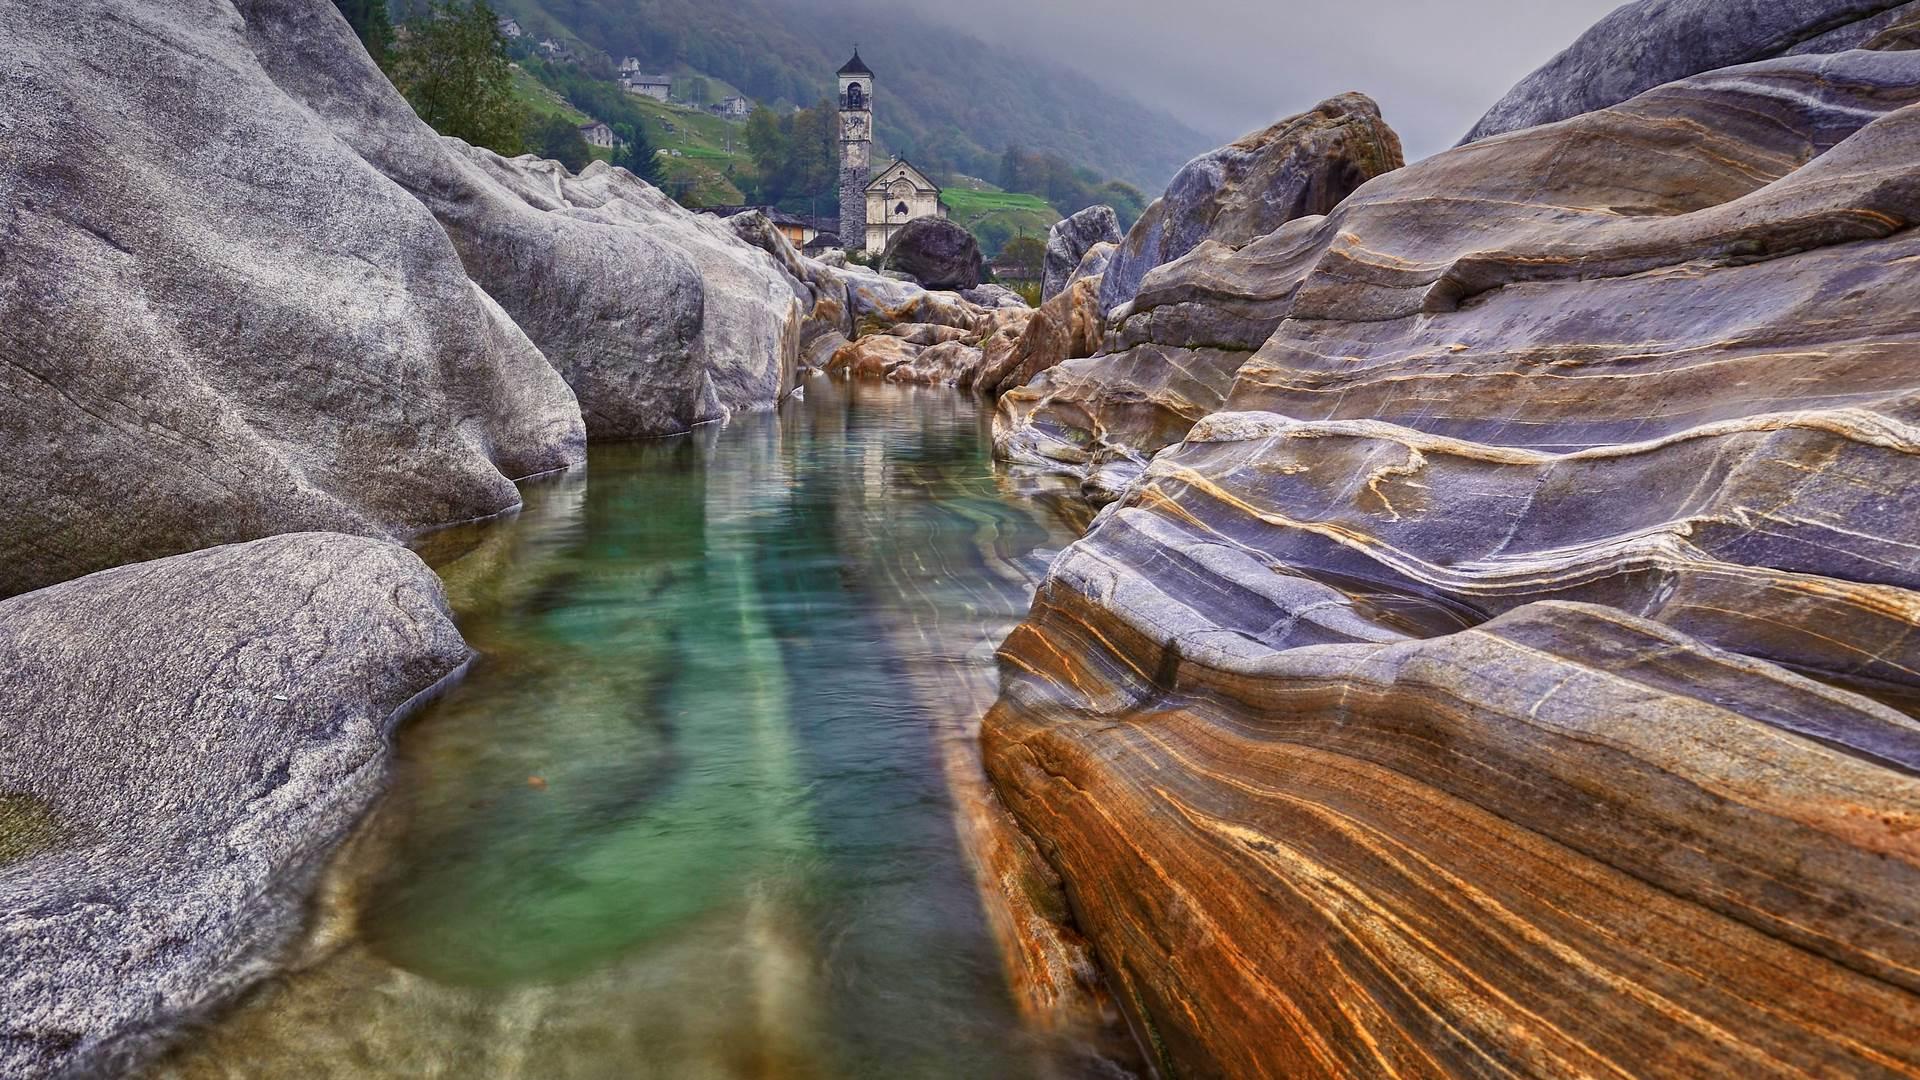 拉韦尔泰佐附近一条河里的石头,瑞士塞斯卡山谷